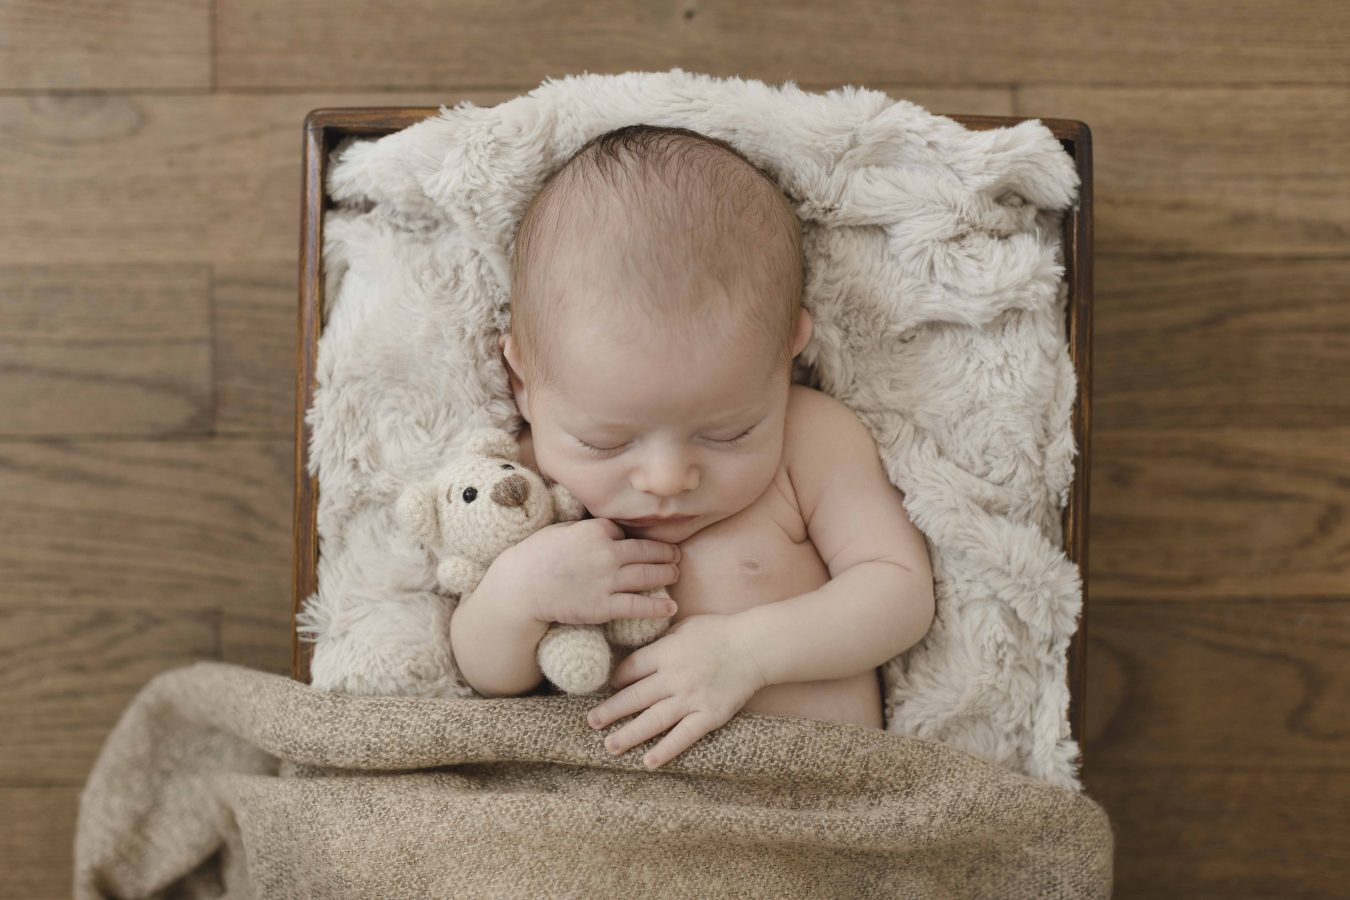 Babyfoto - kleiner Junge schläft auf einer kuscheligen Decke mit einem Bärchen im Arm